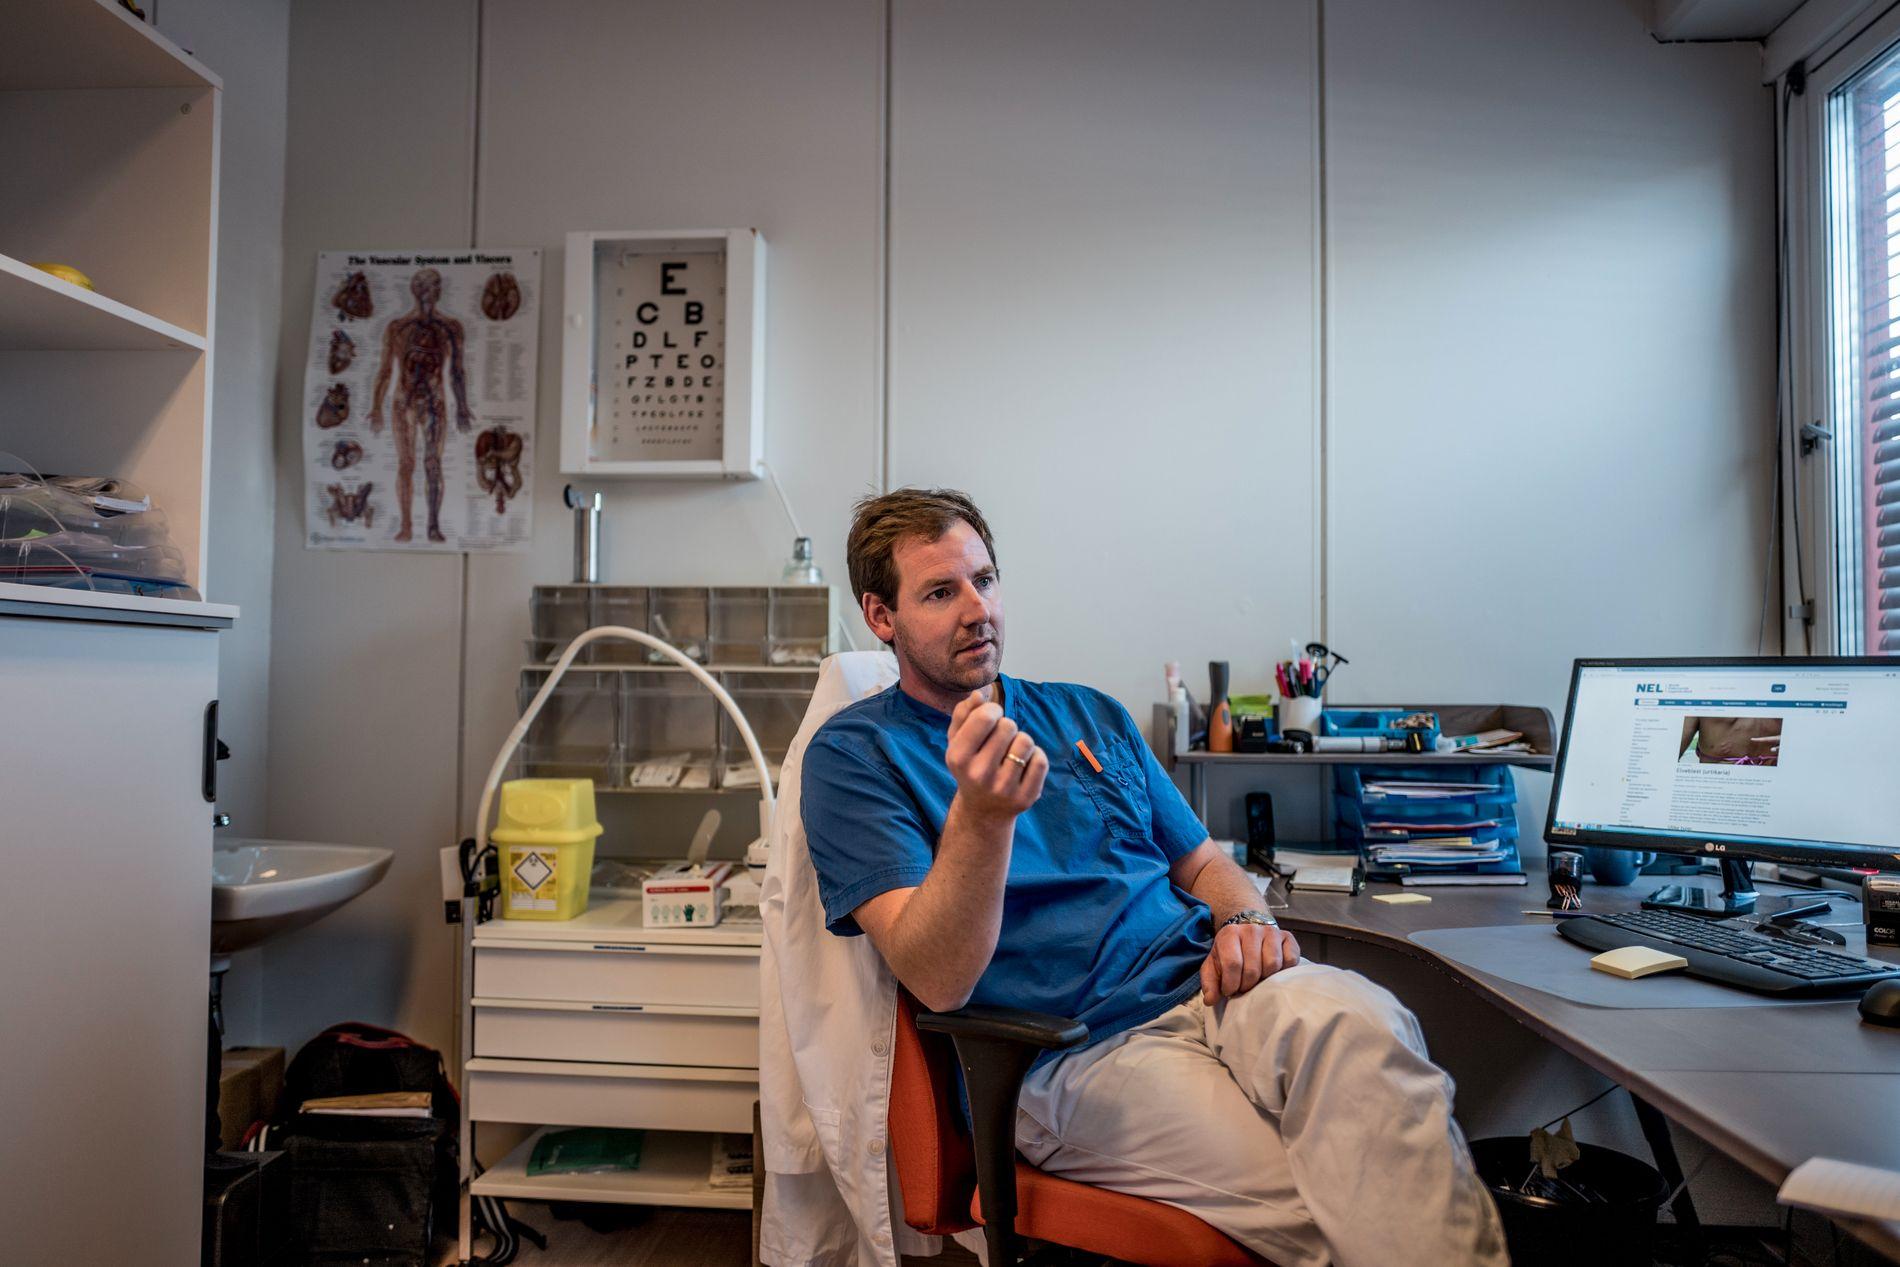 KRITISK: Fastlege Michael Kjærnes Kristensen i Moss er lege for kommunens asylsøkere en dag i uken. – Erfaringene fra denne saken har gjort at jeg har mistet litt av troen på AS Norge, sier han.